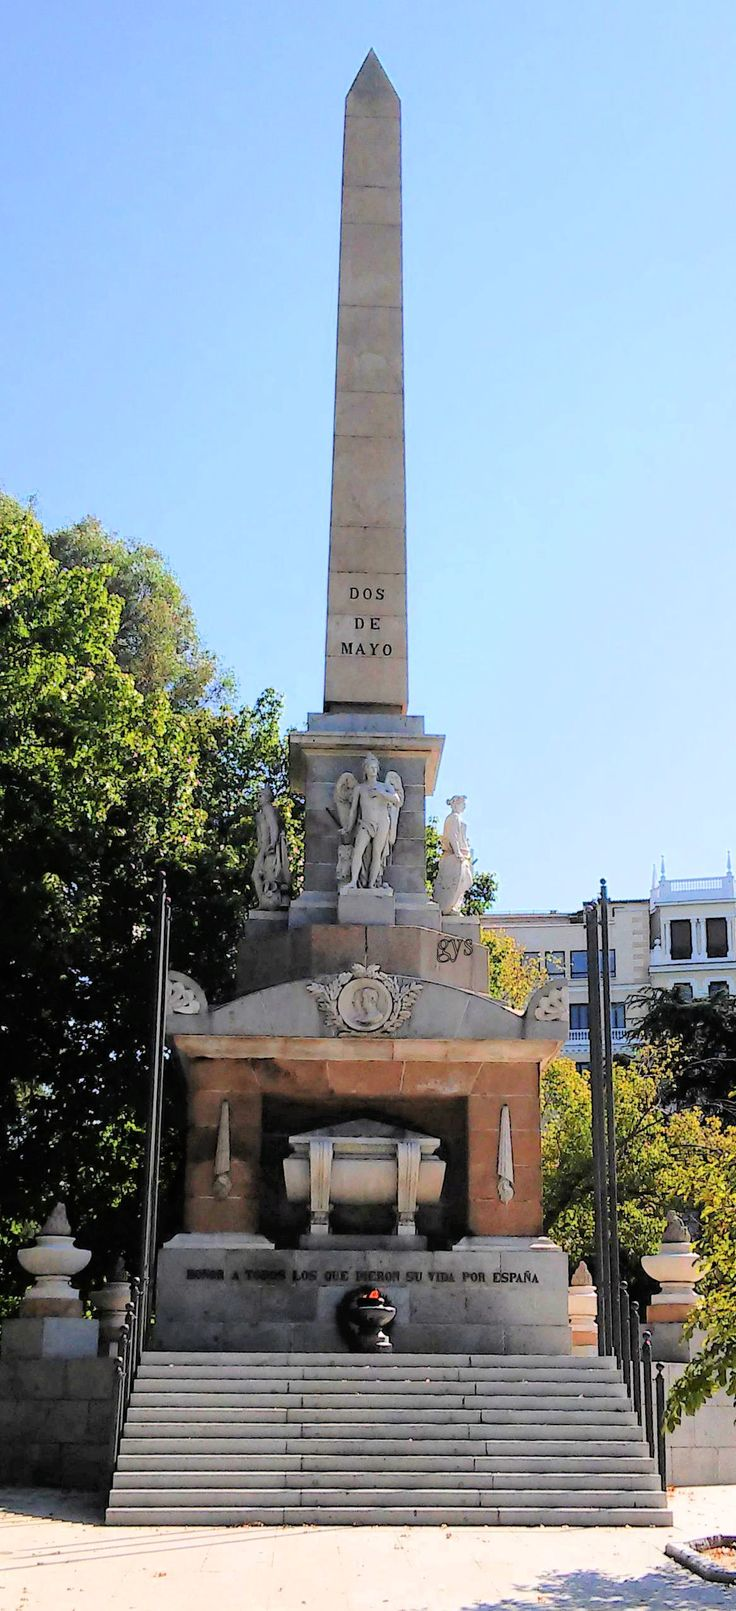 Monumento a los caídos por España con el Obelisco del 2 de Mayo. Plaza de la Lealtad, Madrid